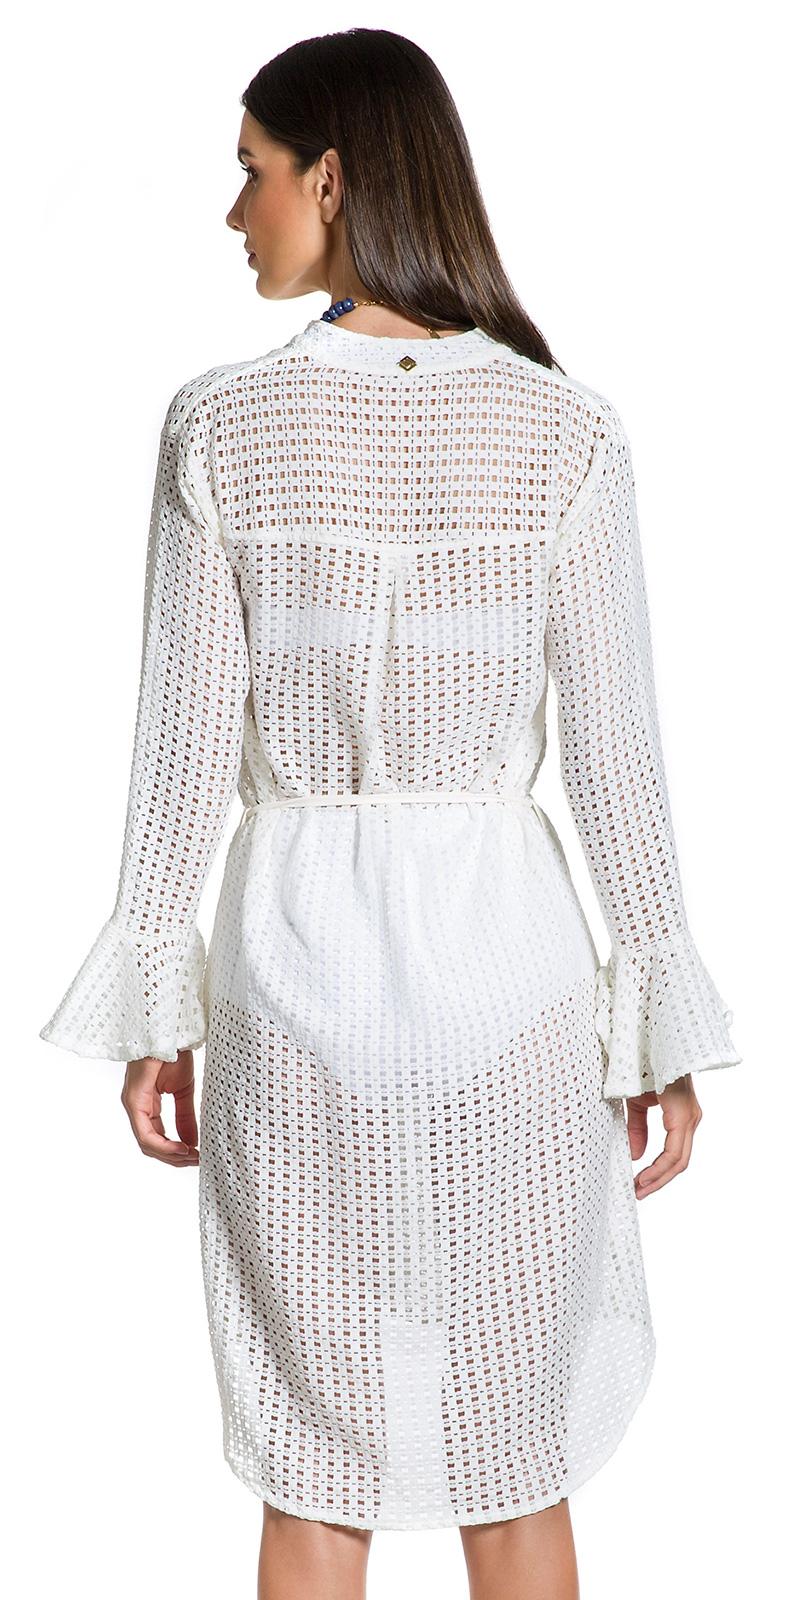 a2c9a29cca Vestido Camisa Branco Assimétrico E Rendado - Renda Of White ...